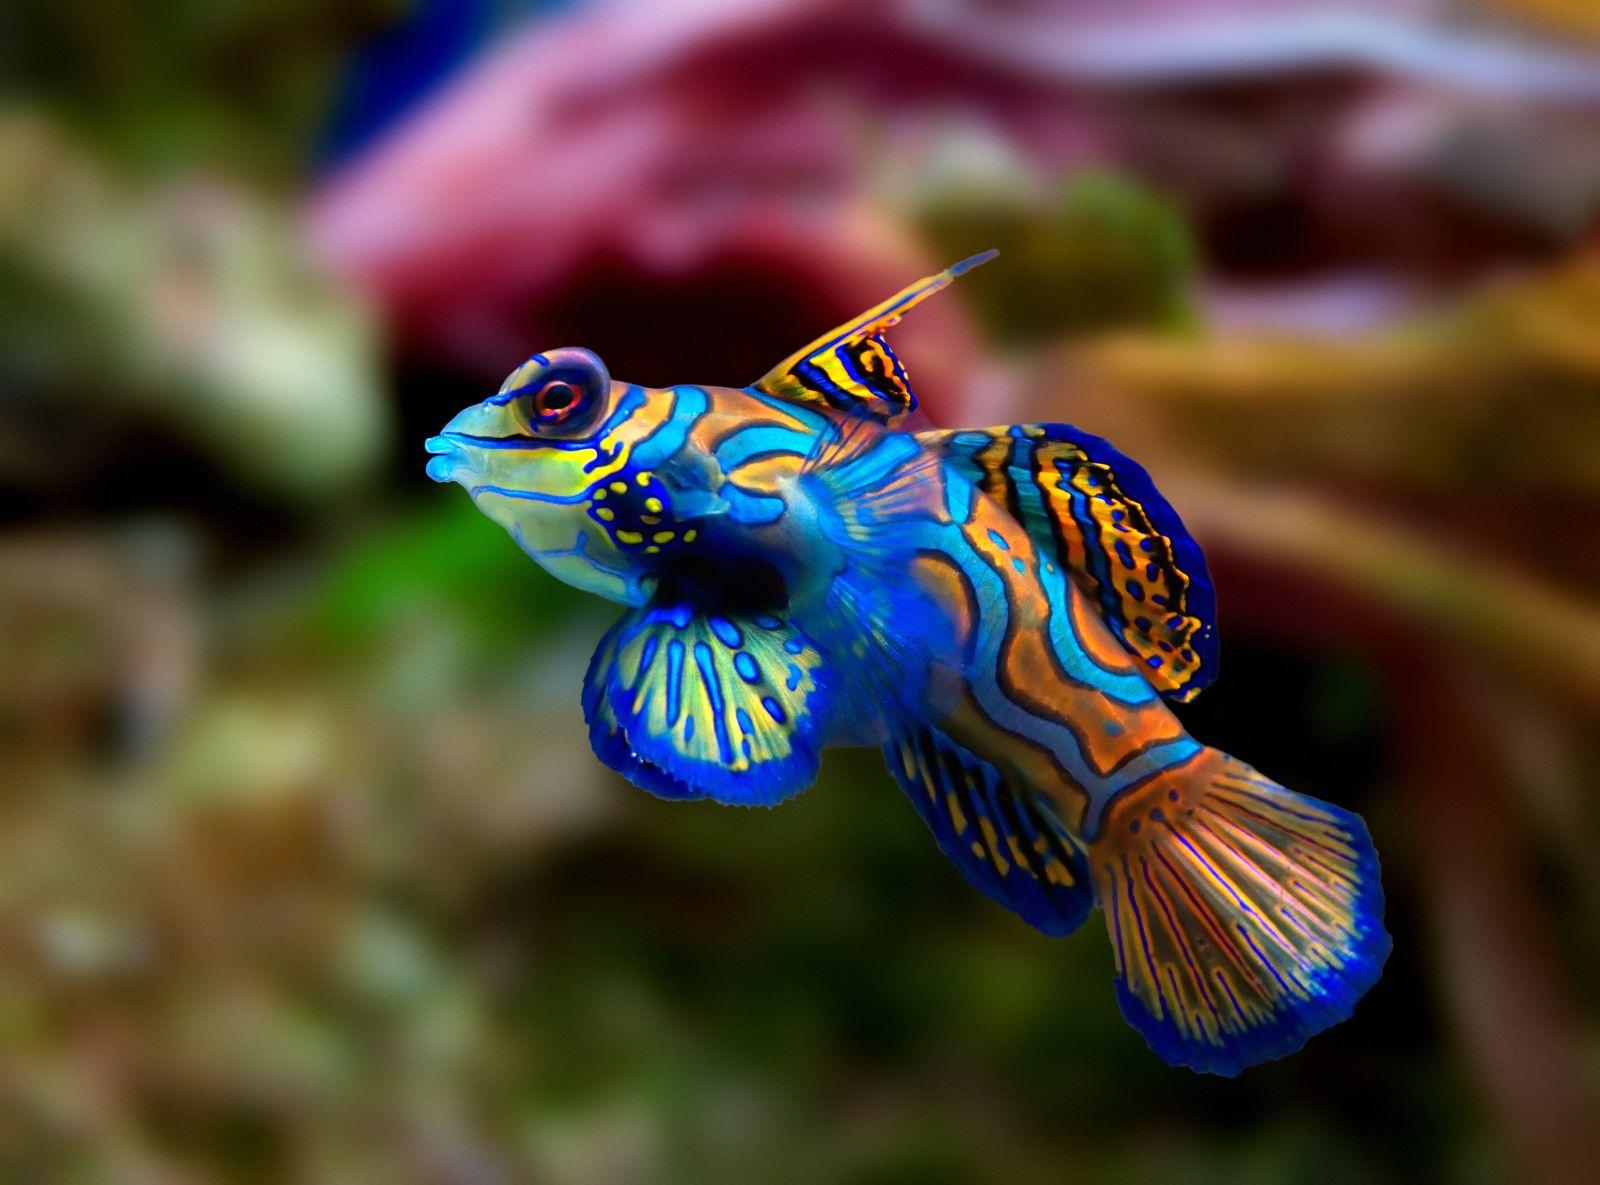 Bunter fisch bunte bilder for Fisch bilder